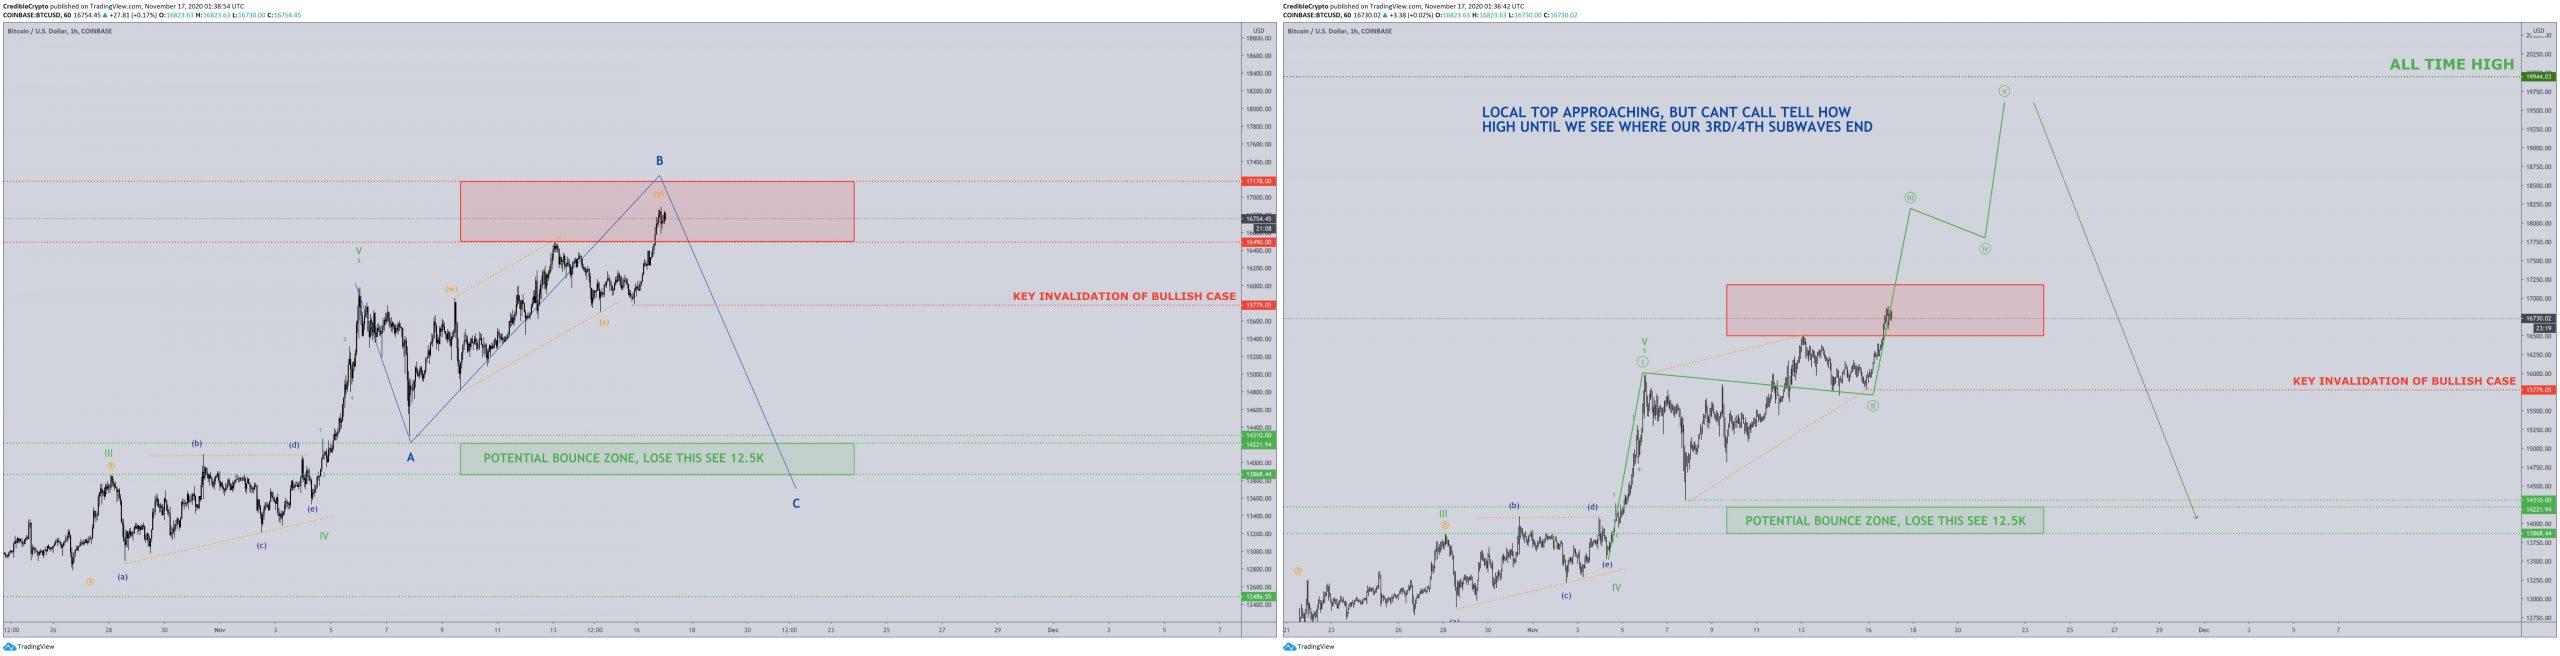 احتمال کاهش قیمت بیت کوین